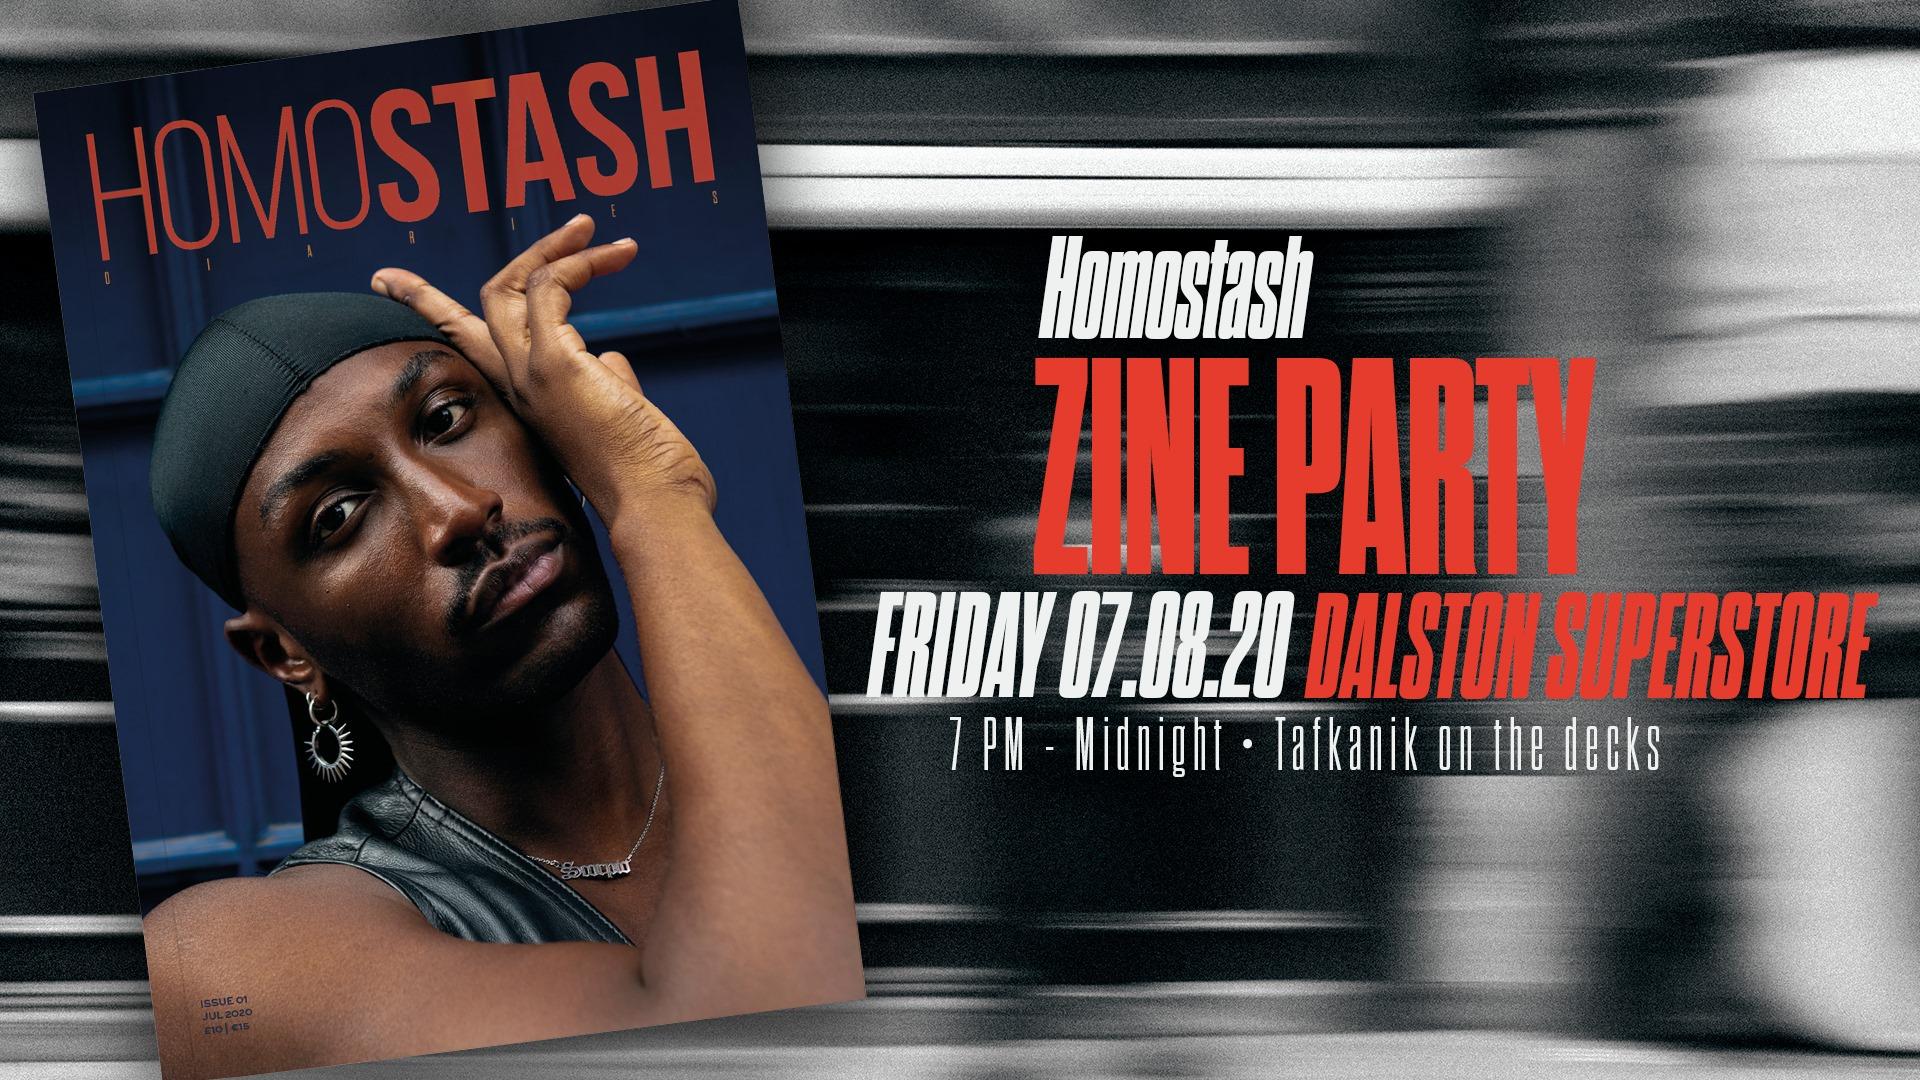 Homostash Zine Party